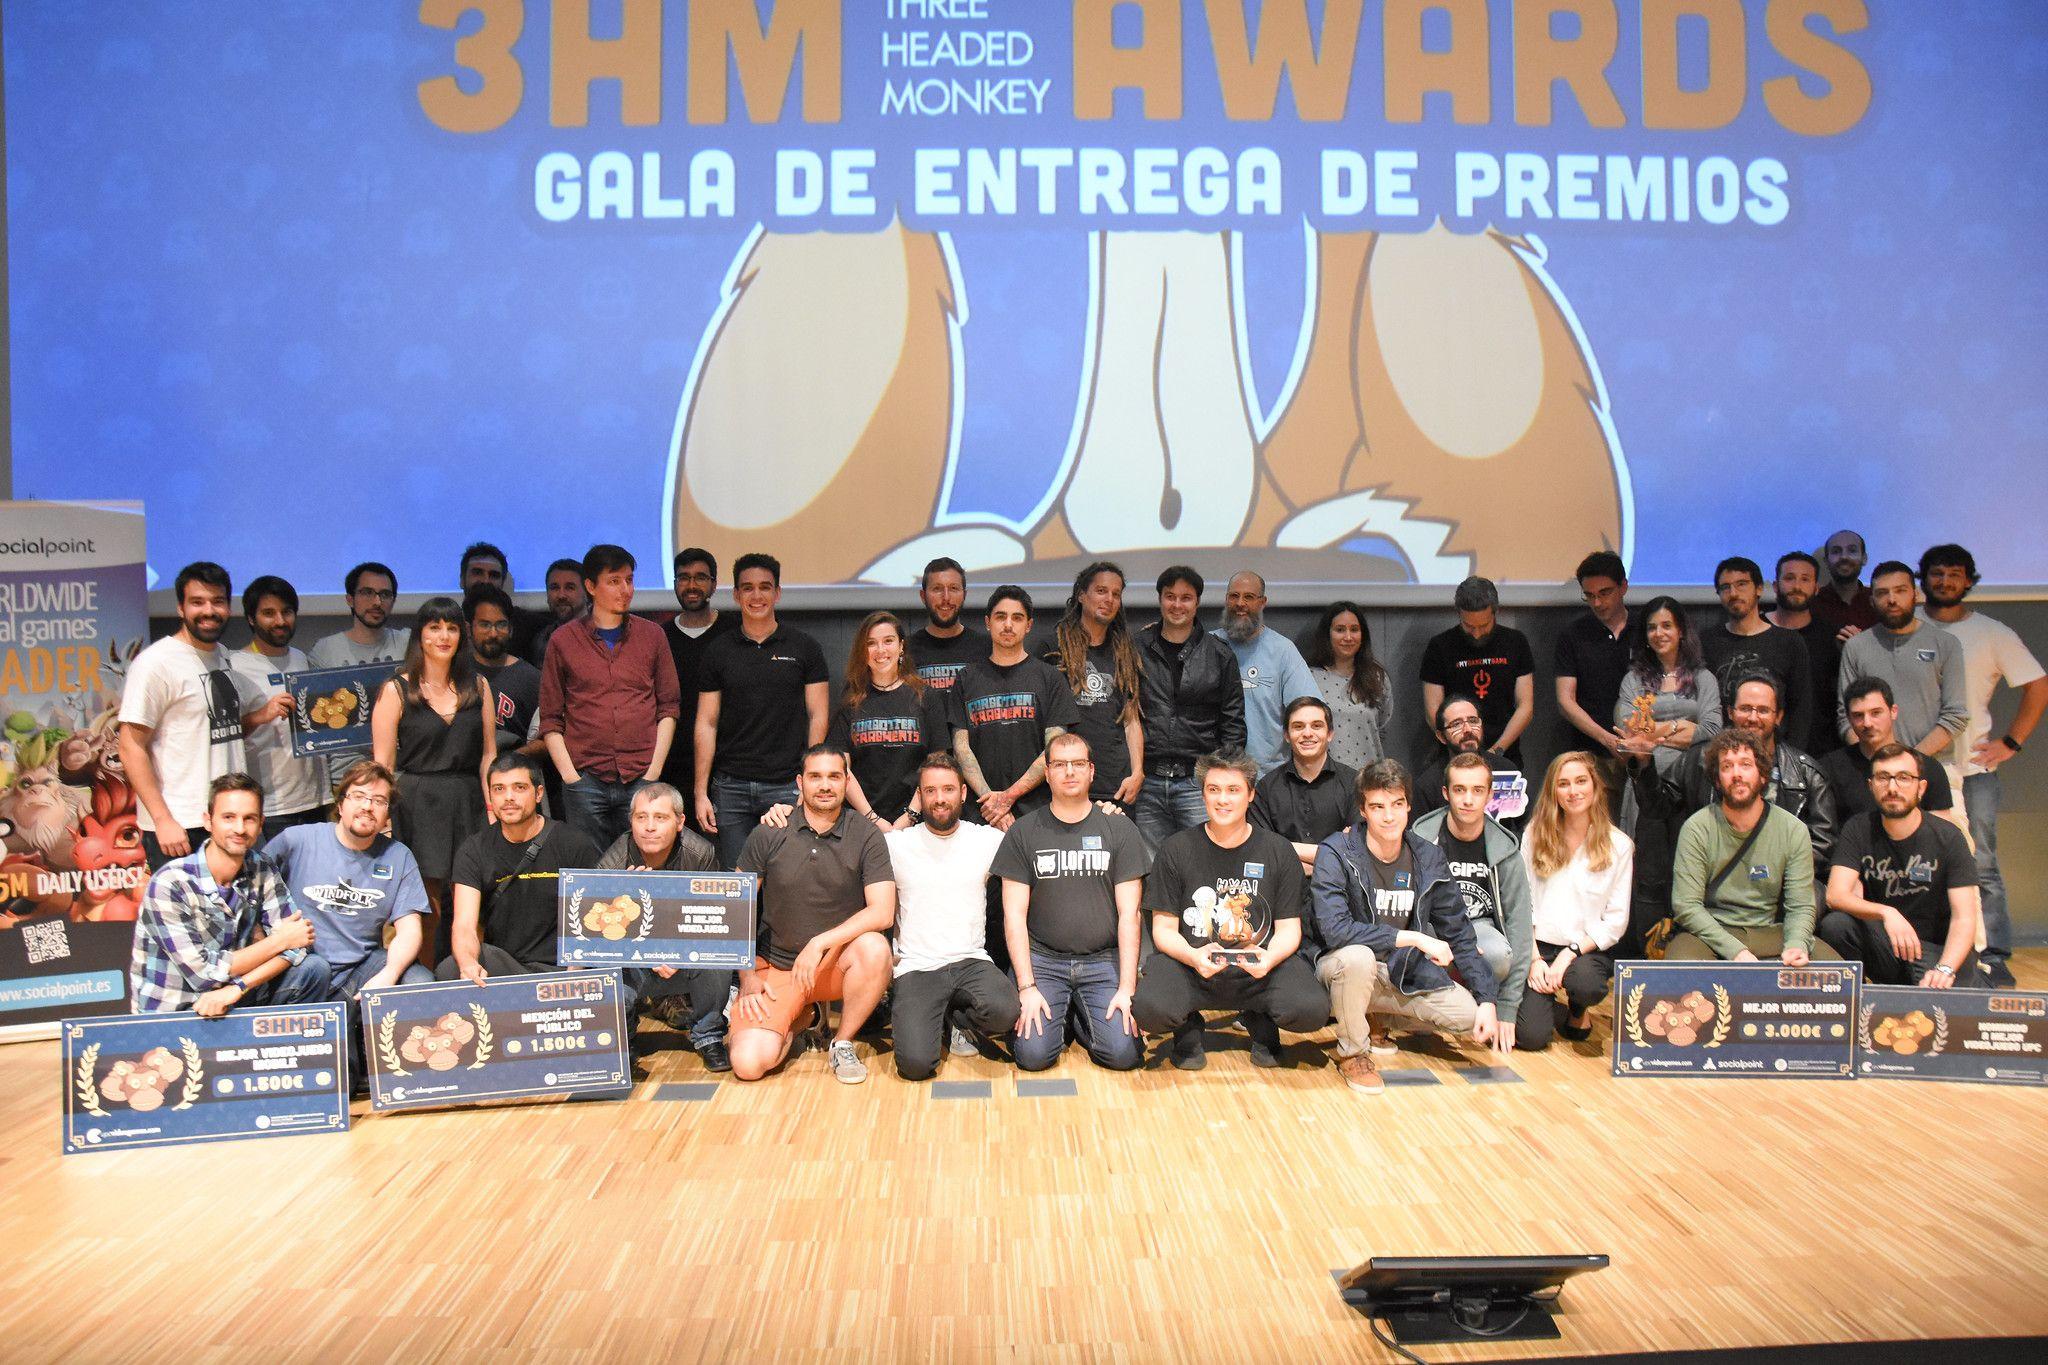 Concurso de videojuegos Three Headed Monkey Awards de la UPC School